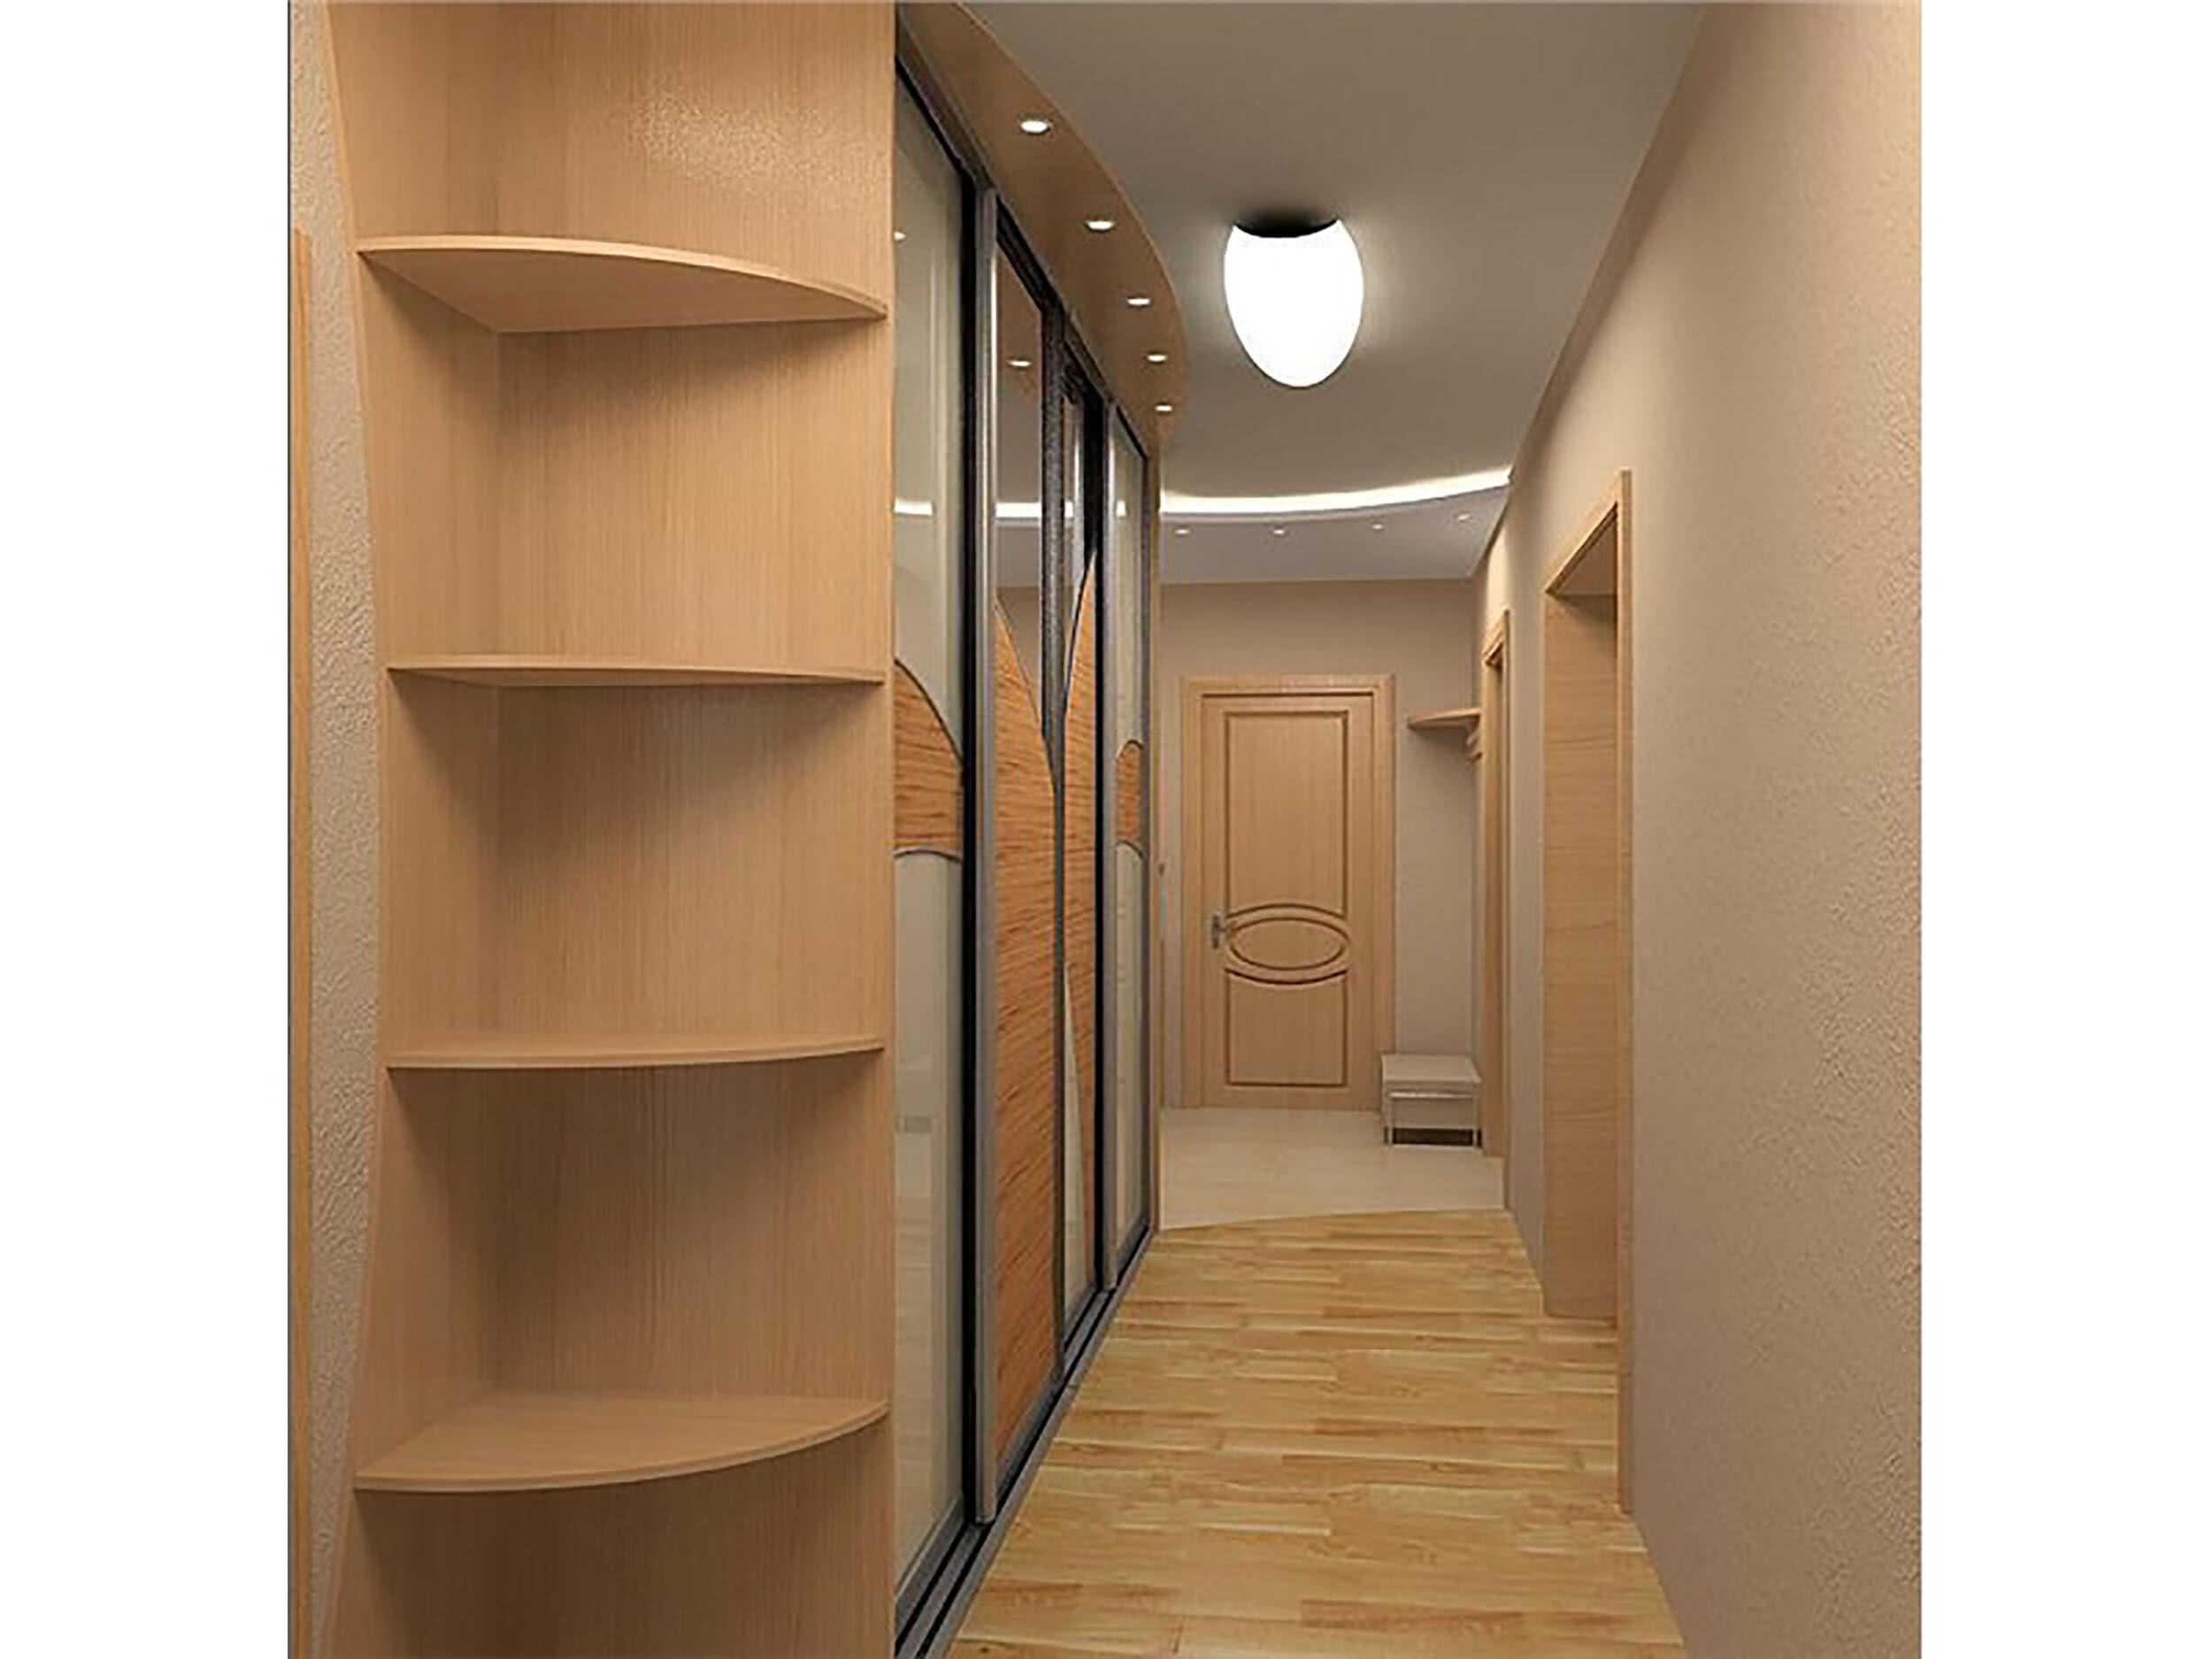 Дизайн интерьера коридора (идеи и фото)lux-dekor.ru - портал.